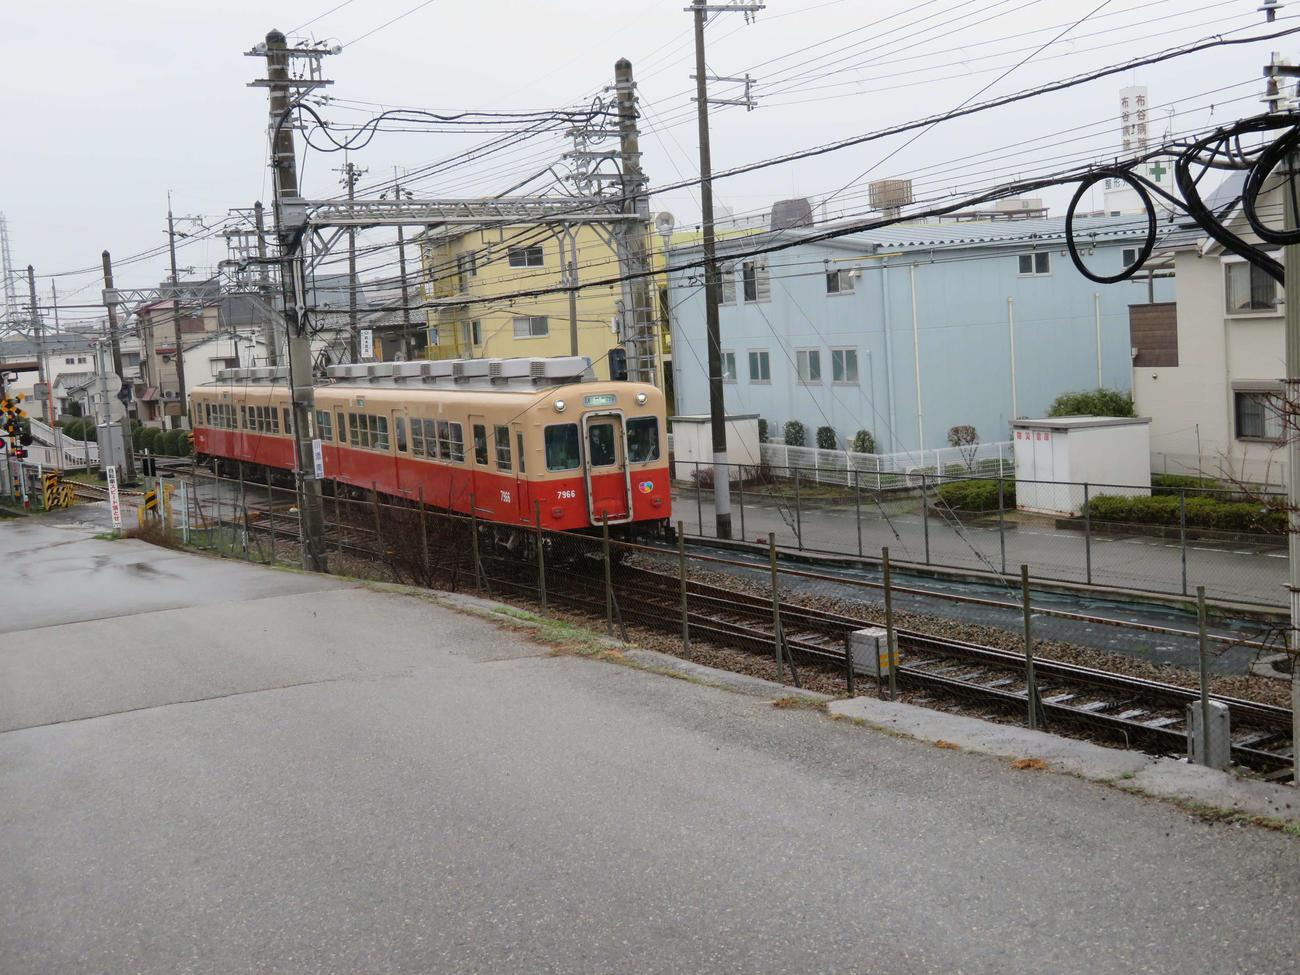 〈1〉武庫川線を走る赤銅色の阪神電車